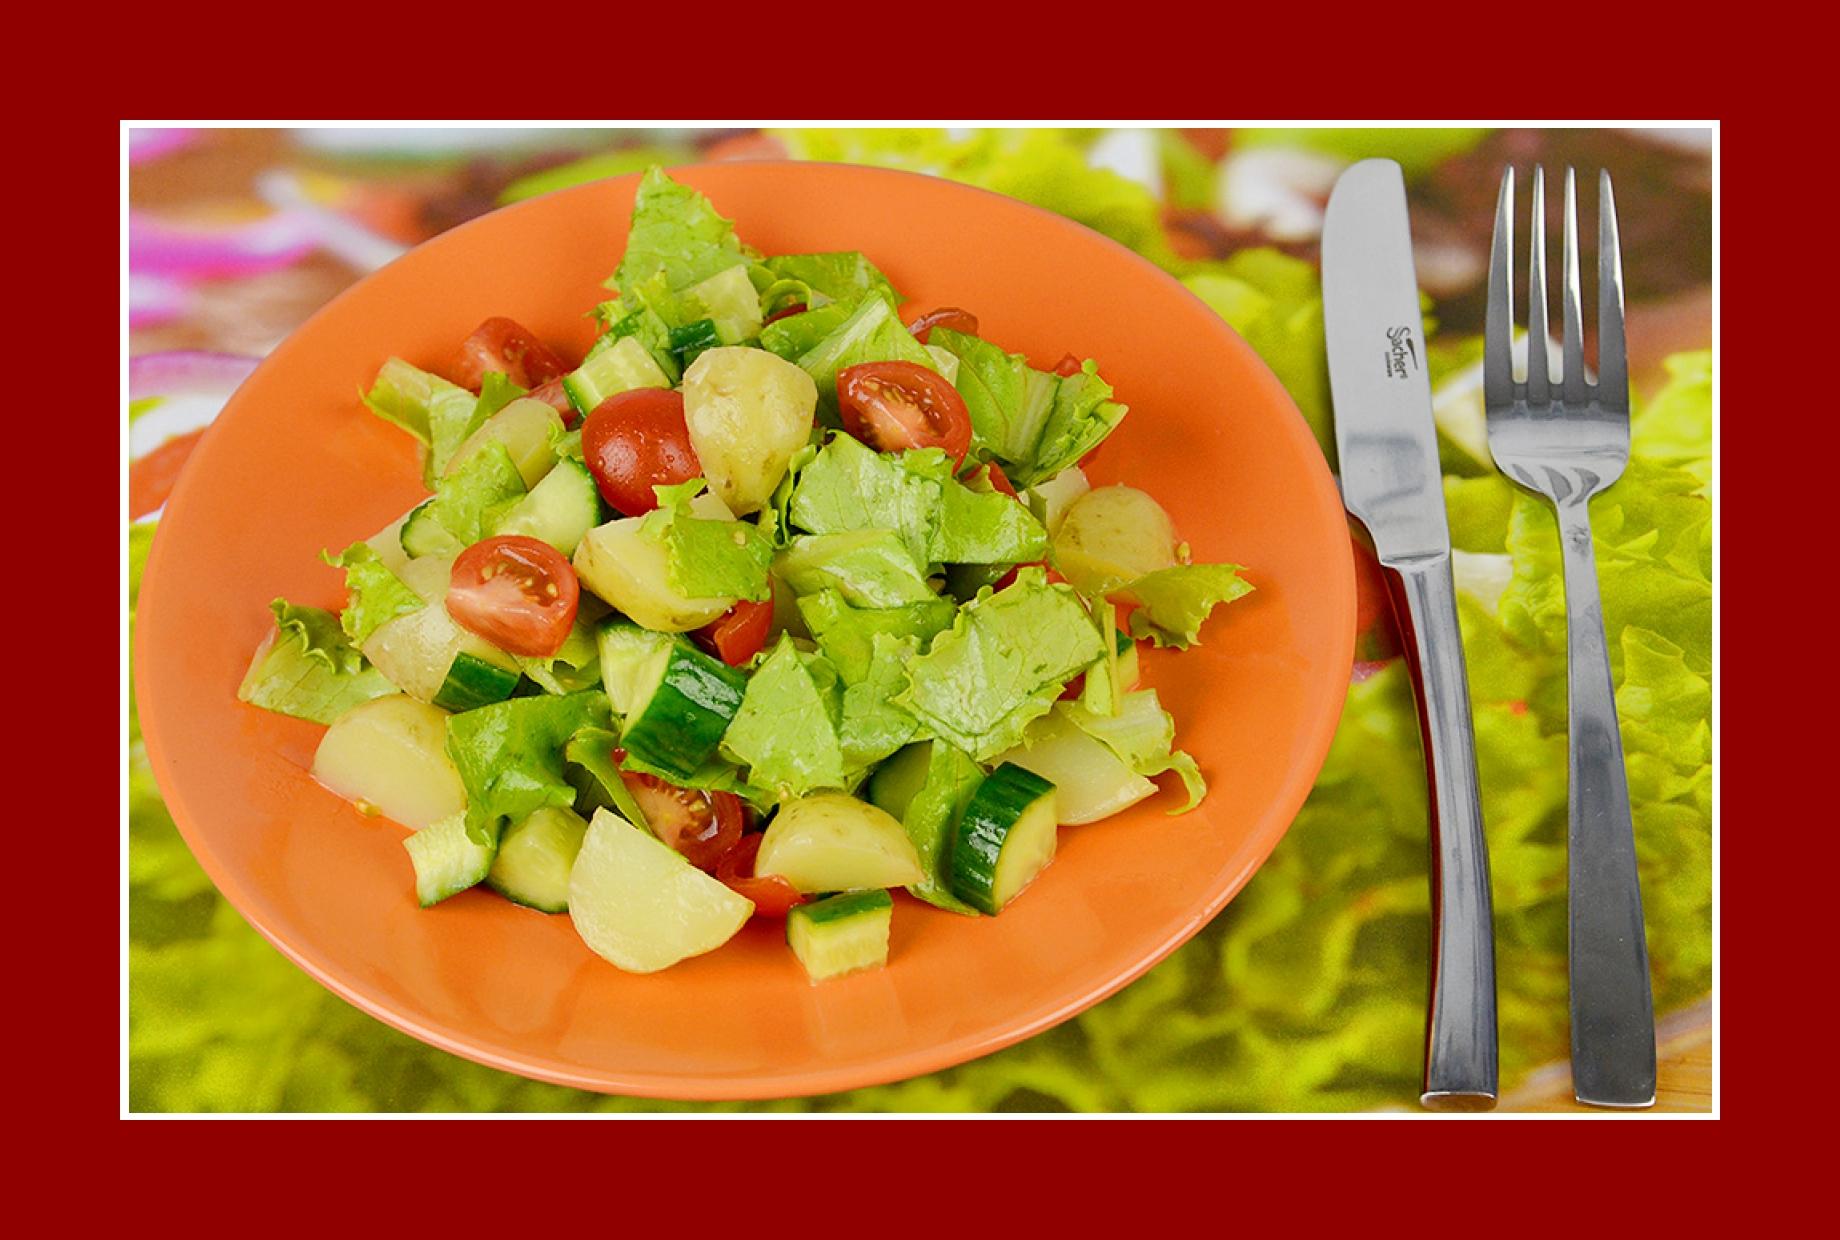 Leichter Kartoffelsalat einfacher Rezept Eisbergsalat Cherrytomaten Gurkensalat